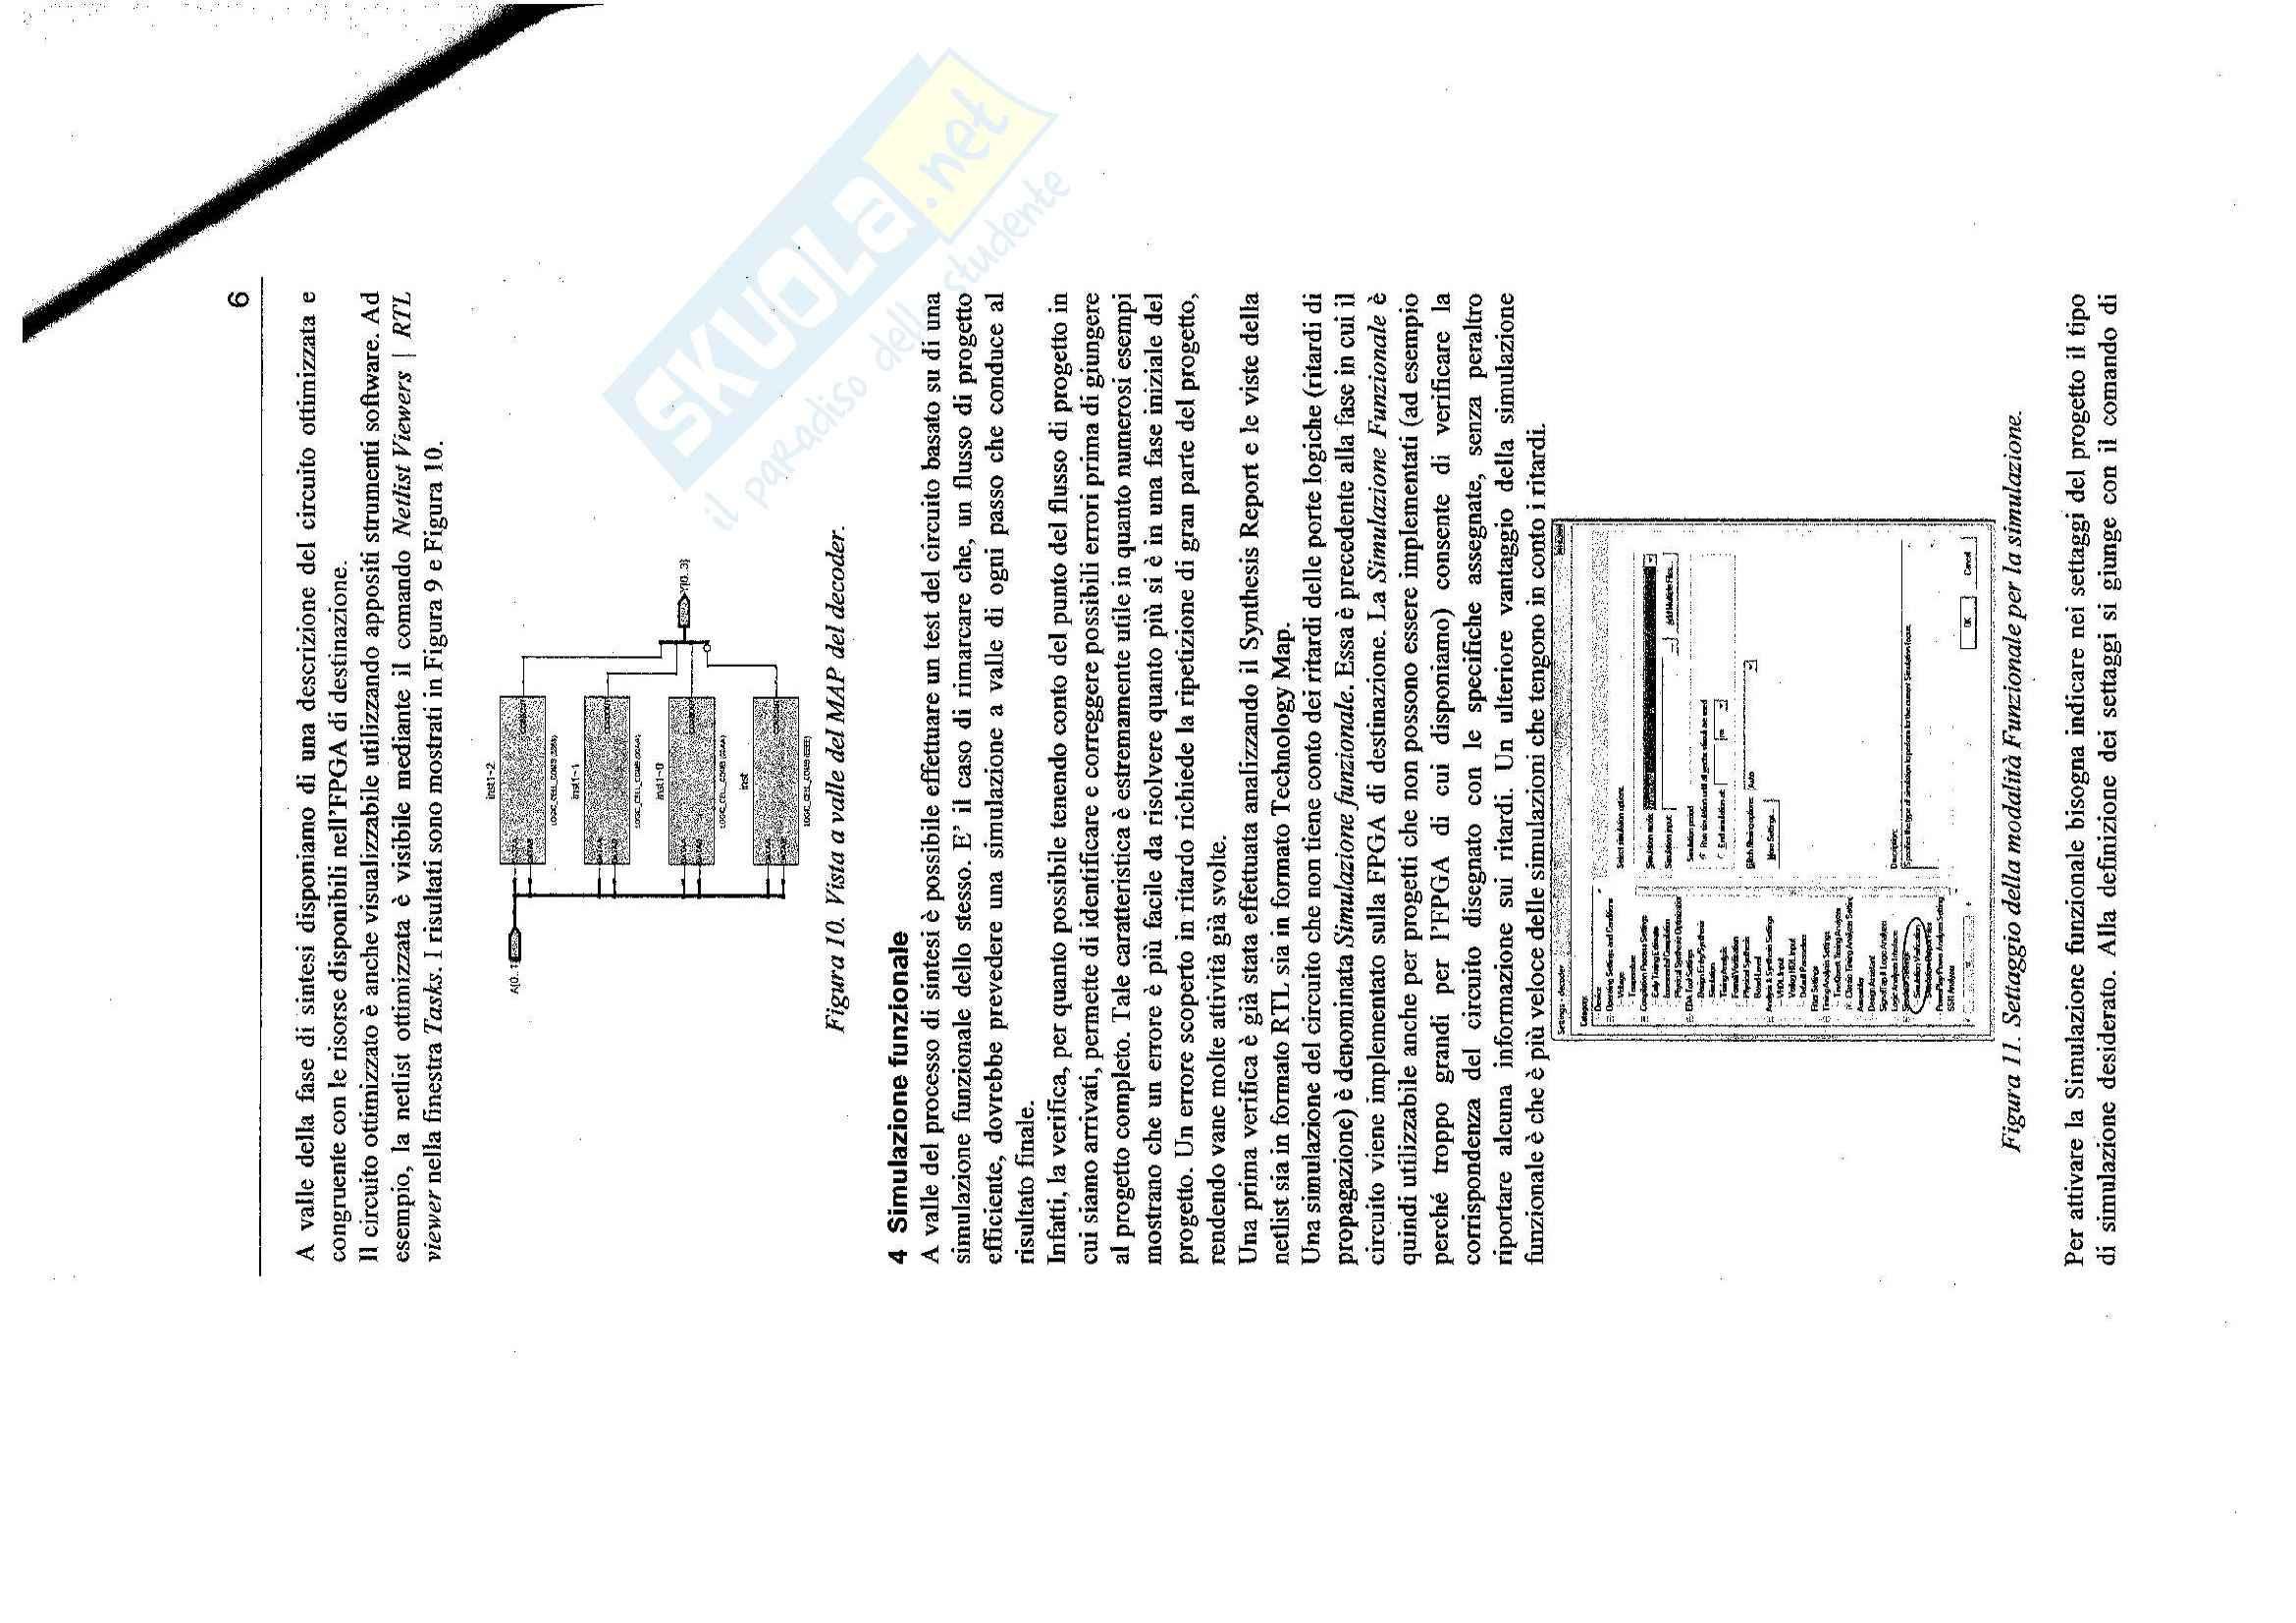 Sistemi elettronici programmabili - L'ambiente di sviluppo altera quartusII 9.1 SP1 per il progetto di SEP Pag. 6